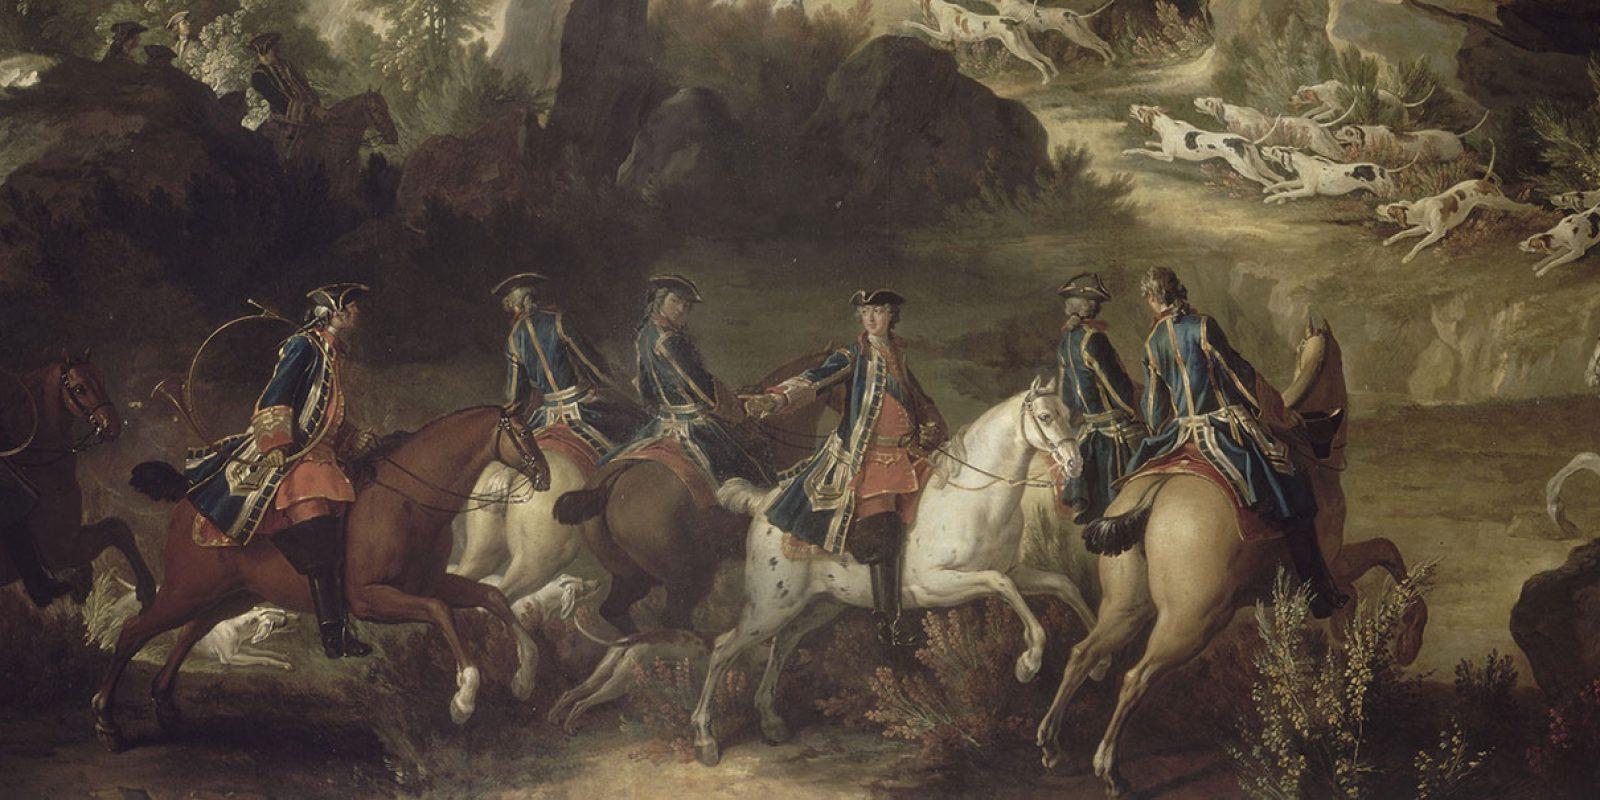 Jean Baptiste Oudry (1686-1755) - Cerf aux abois dans les rochers de Franchard, forêt de Fontainebleau